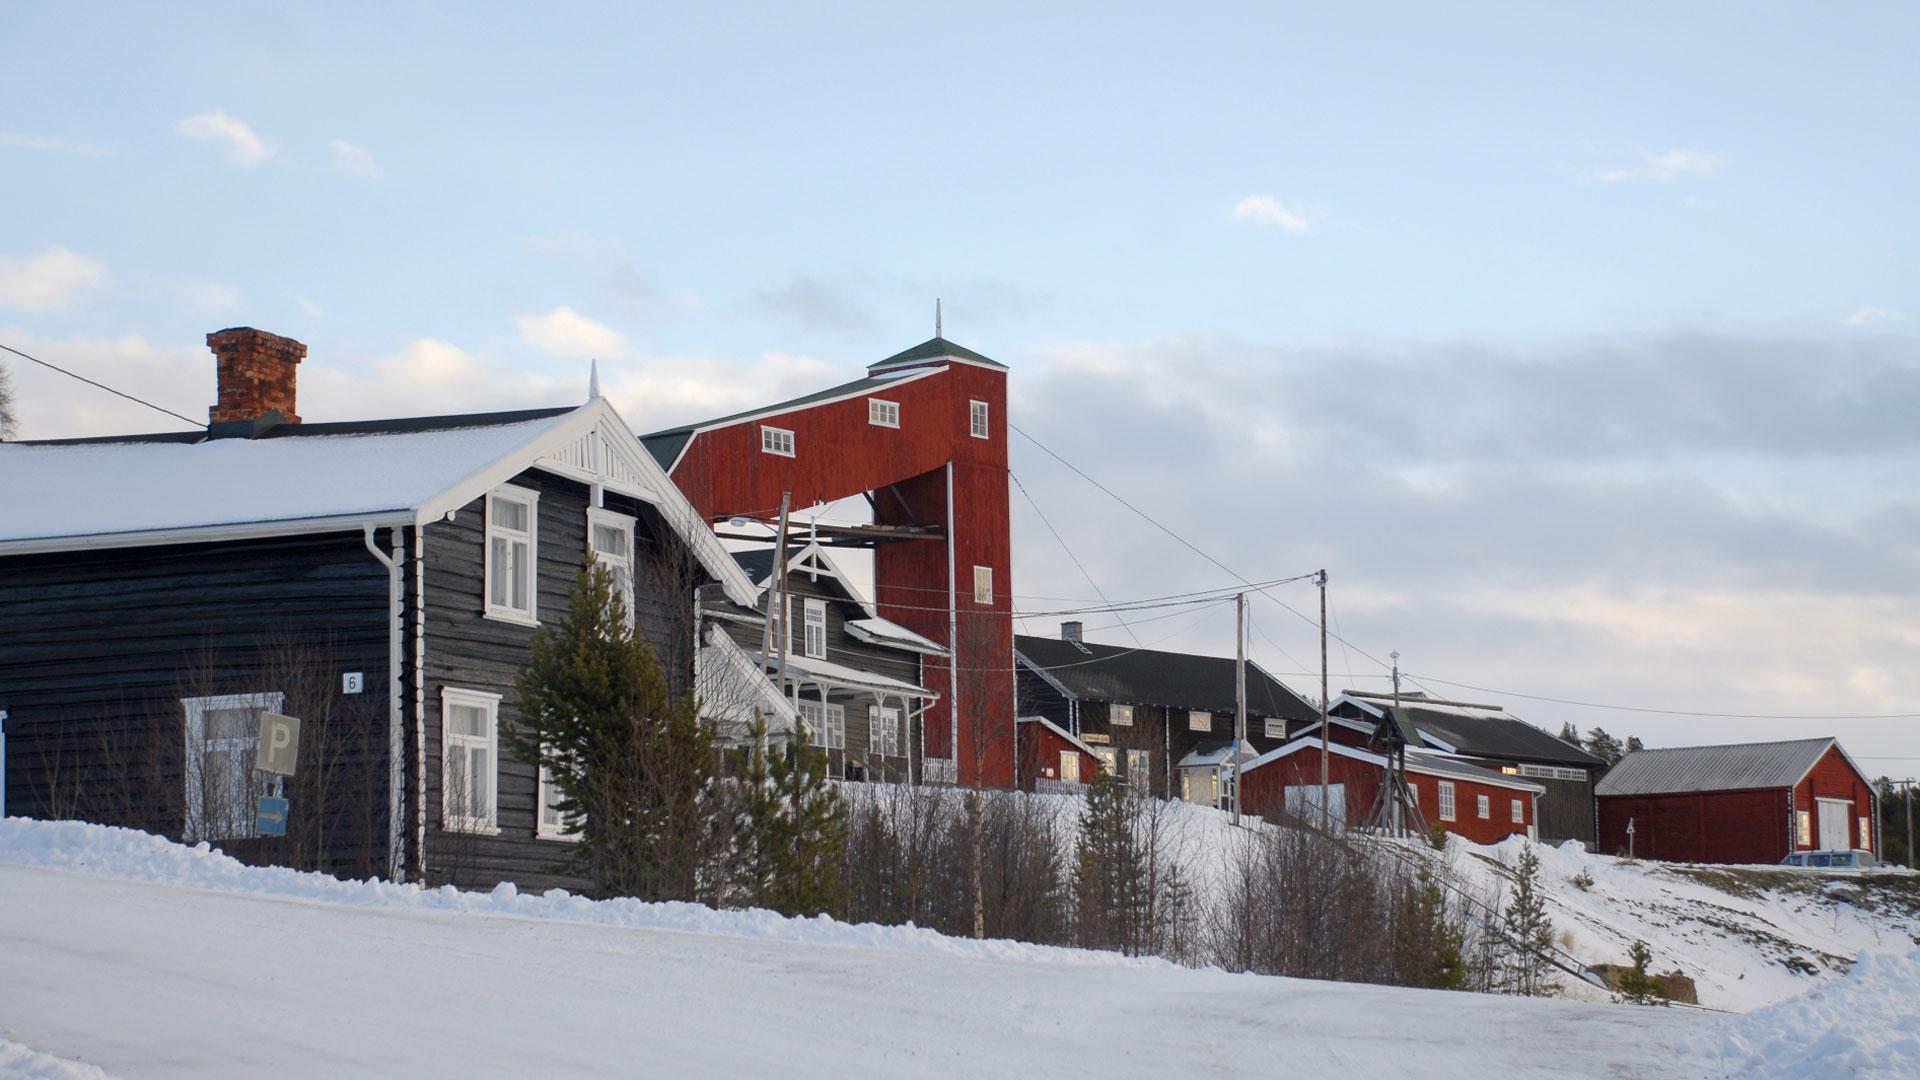 Bilde av Folldal gruver i Hedmark. Foto: Ulf Ingemar Gustafsson, Riksantikvaren